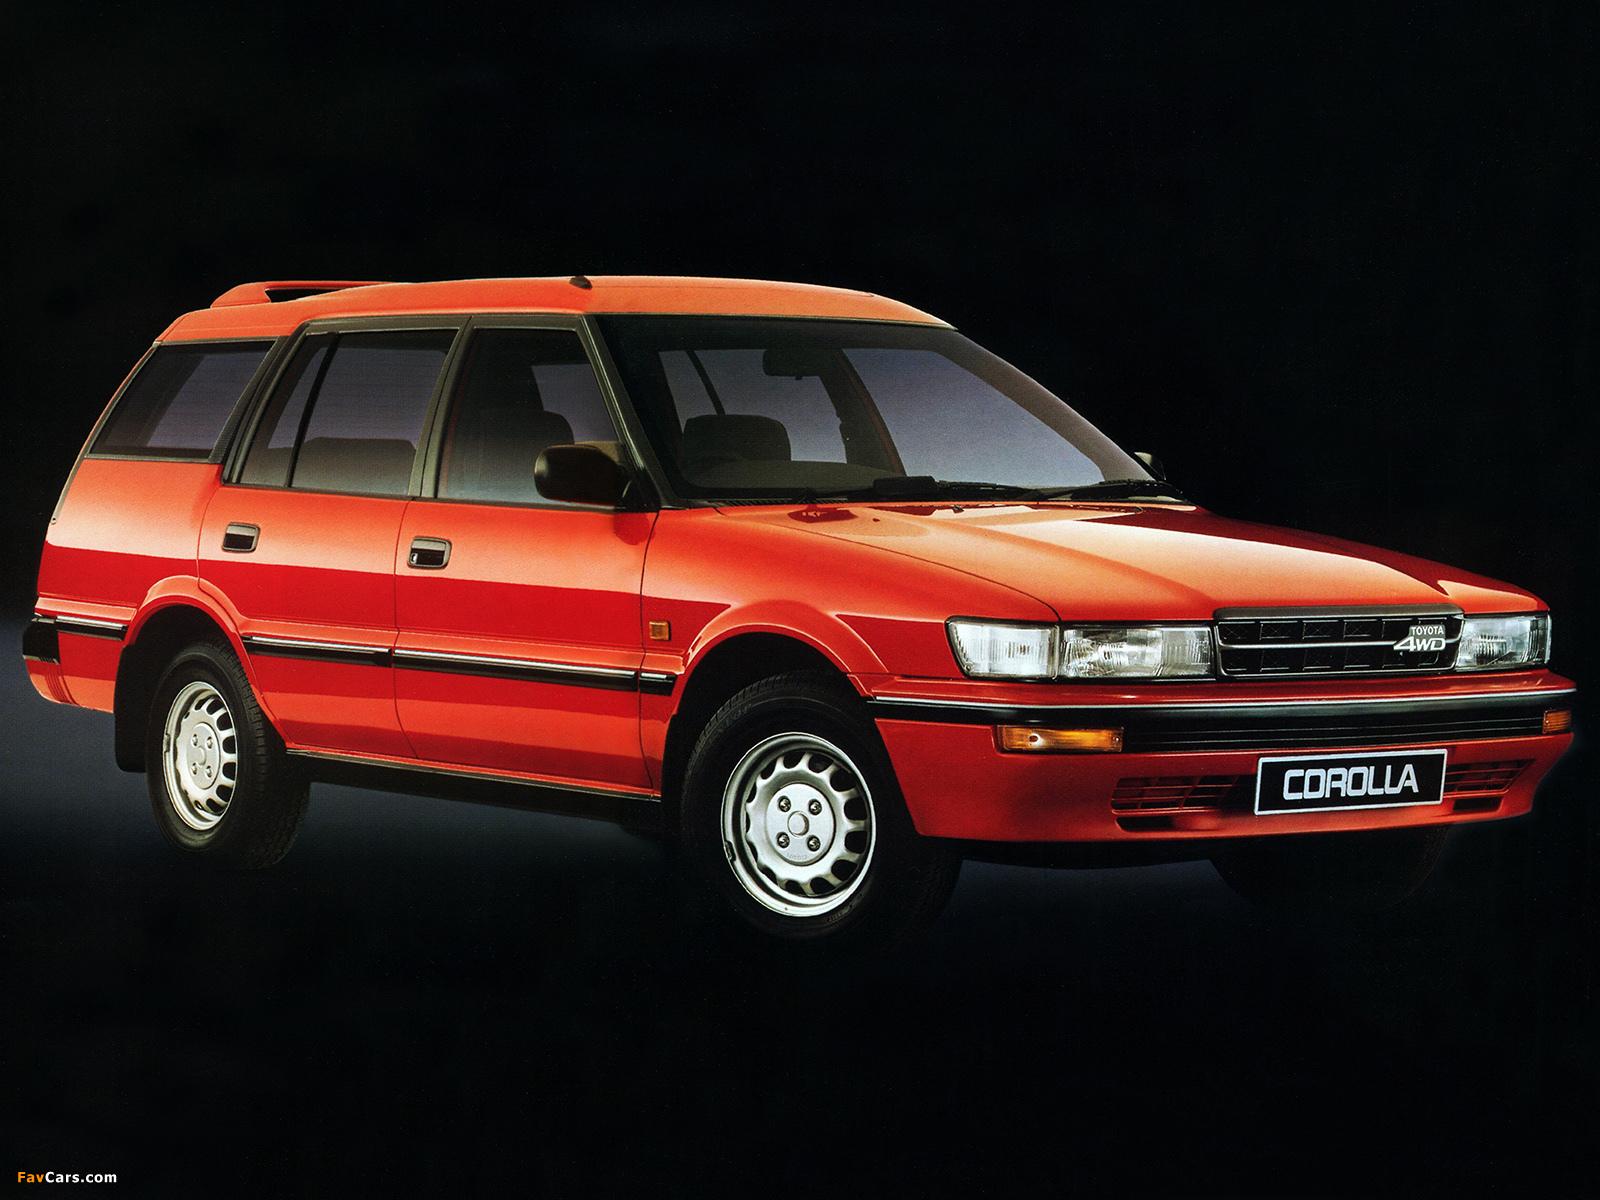 Kelebihan Kekurangan Toyota Corolla 1988 Tangguh